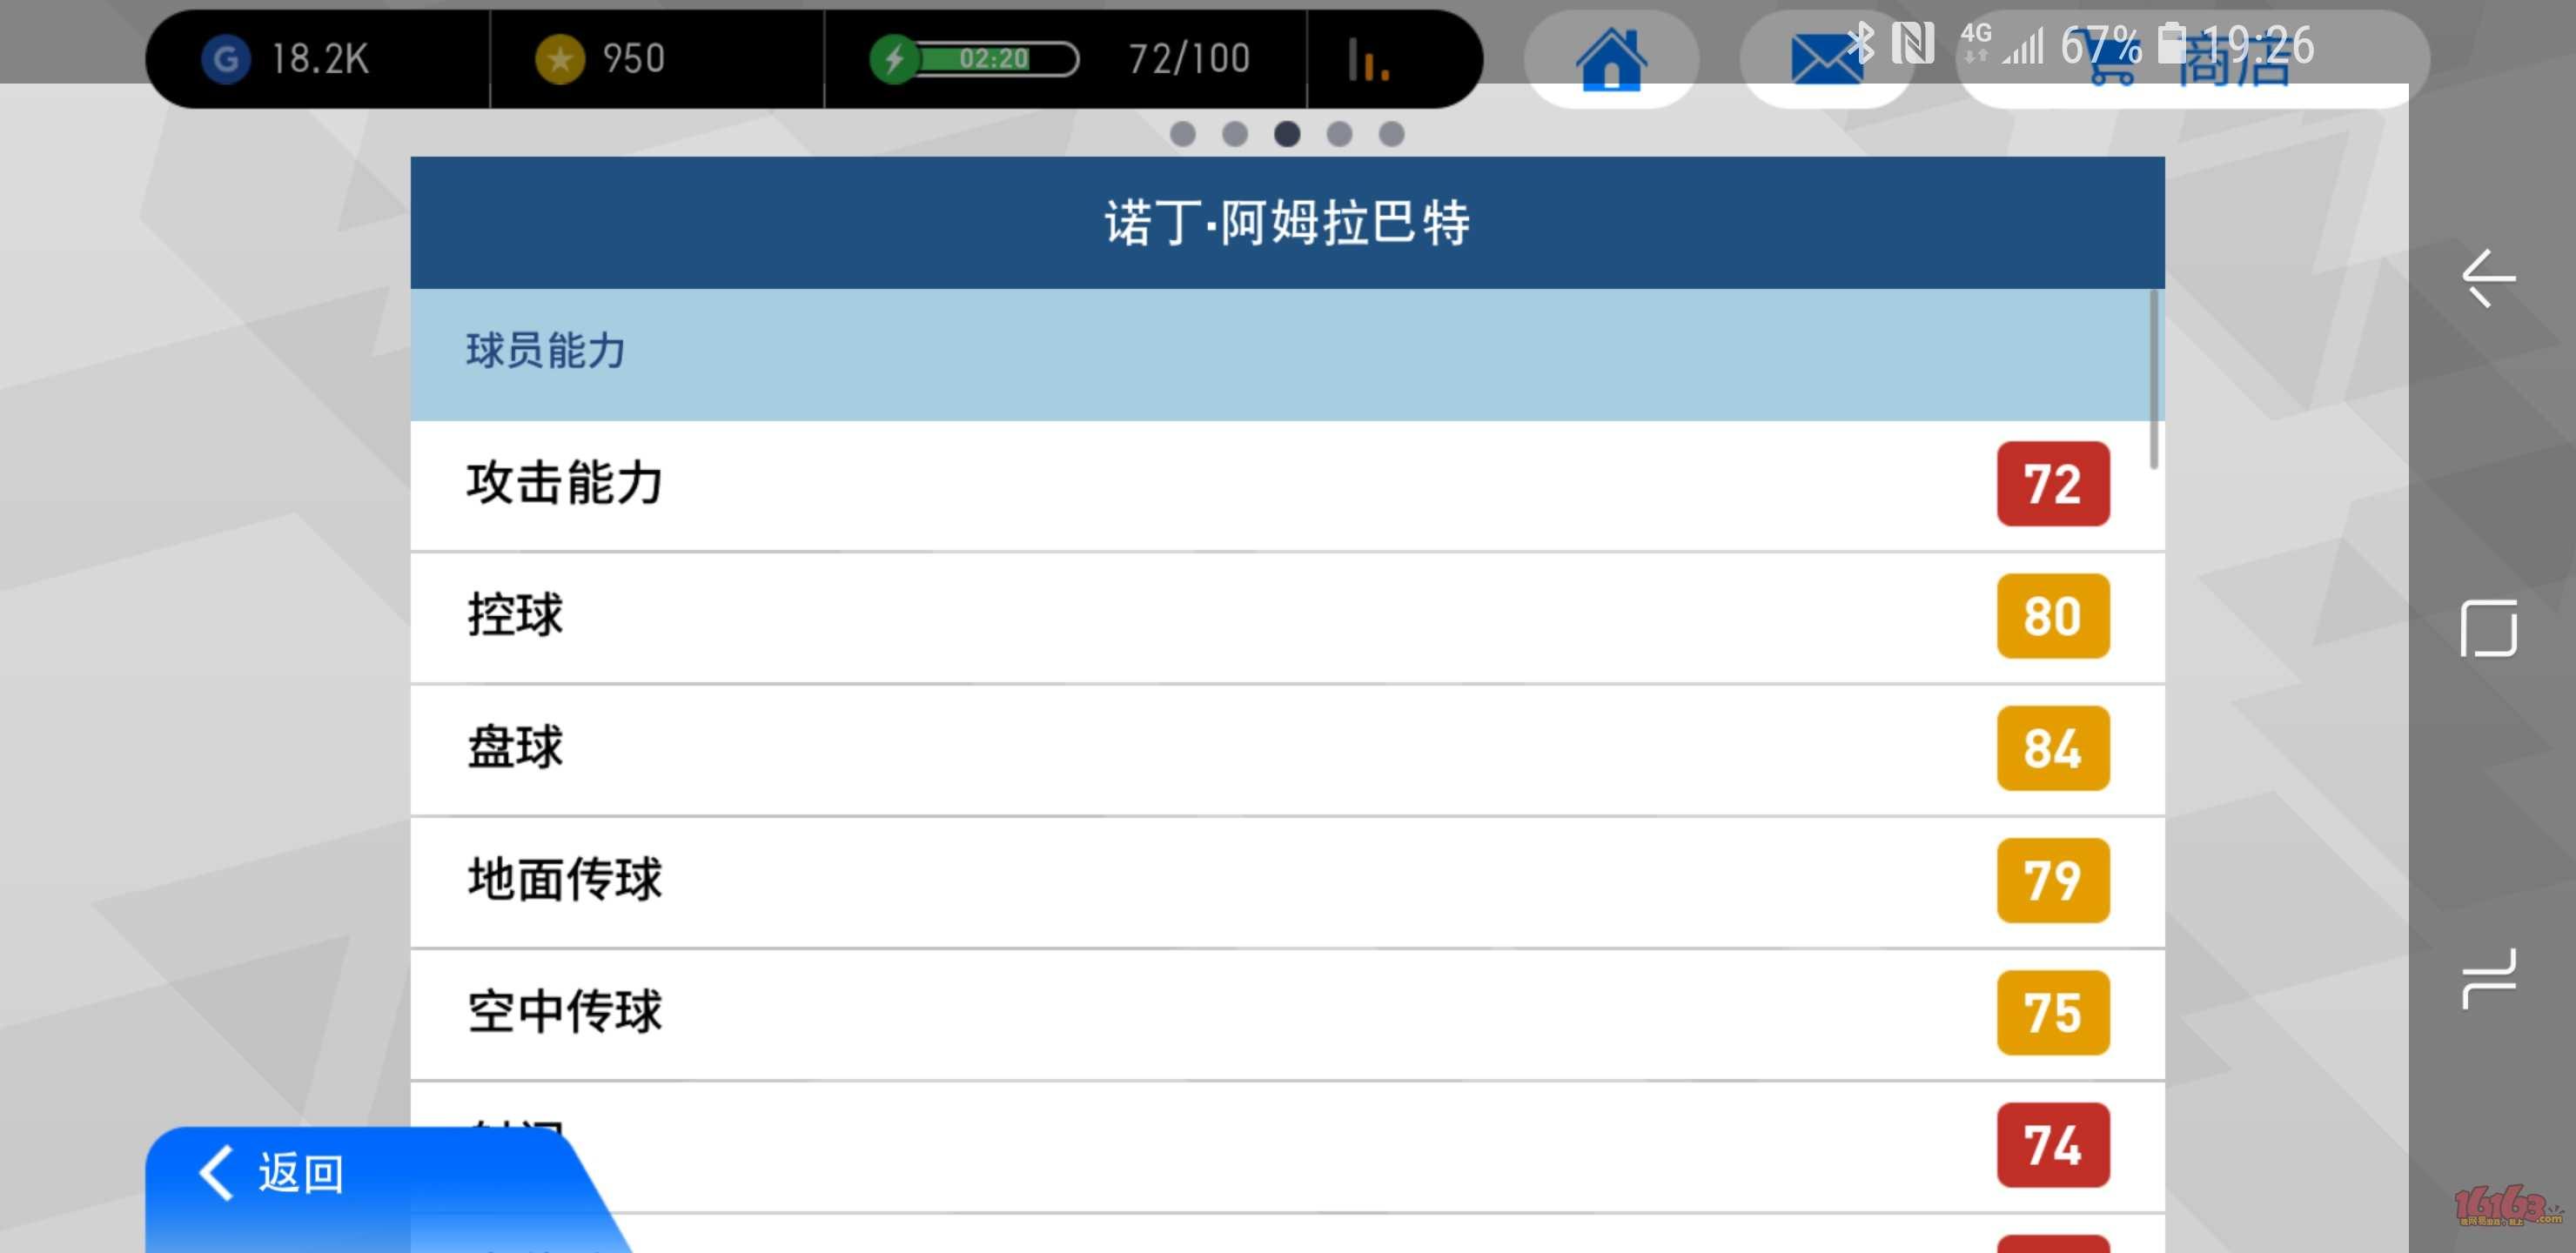 Screenshot_20180804-192647_瀹炲喌瓒崇悆.jpg